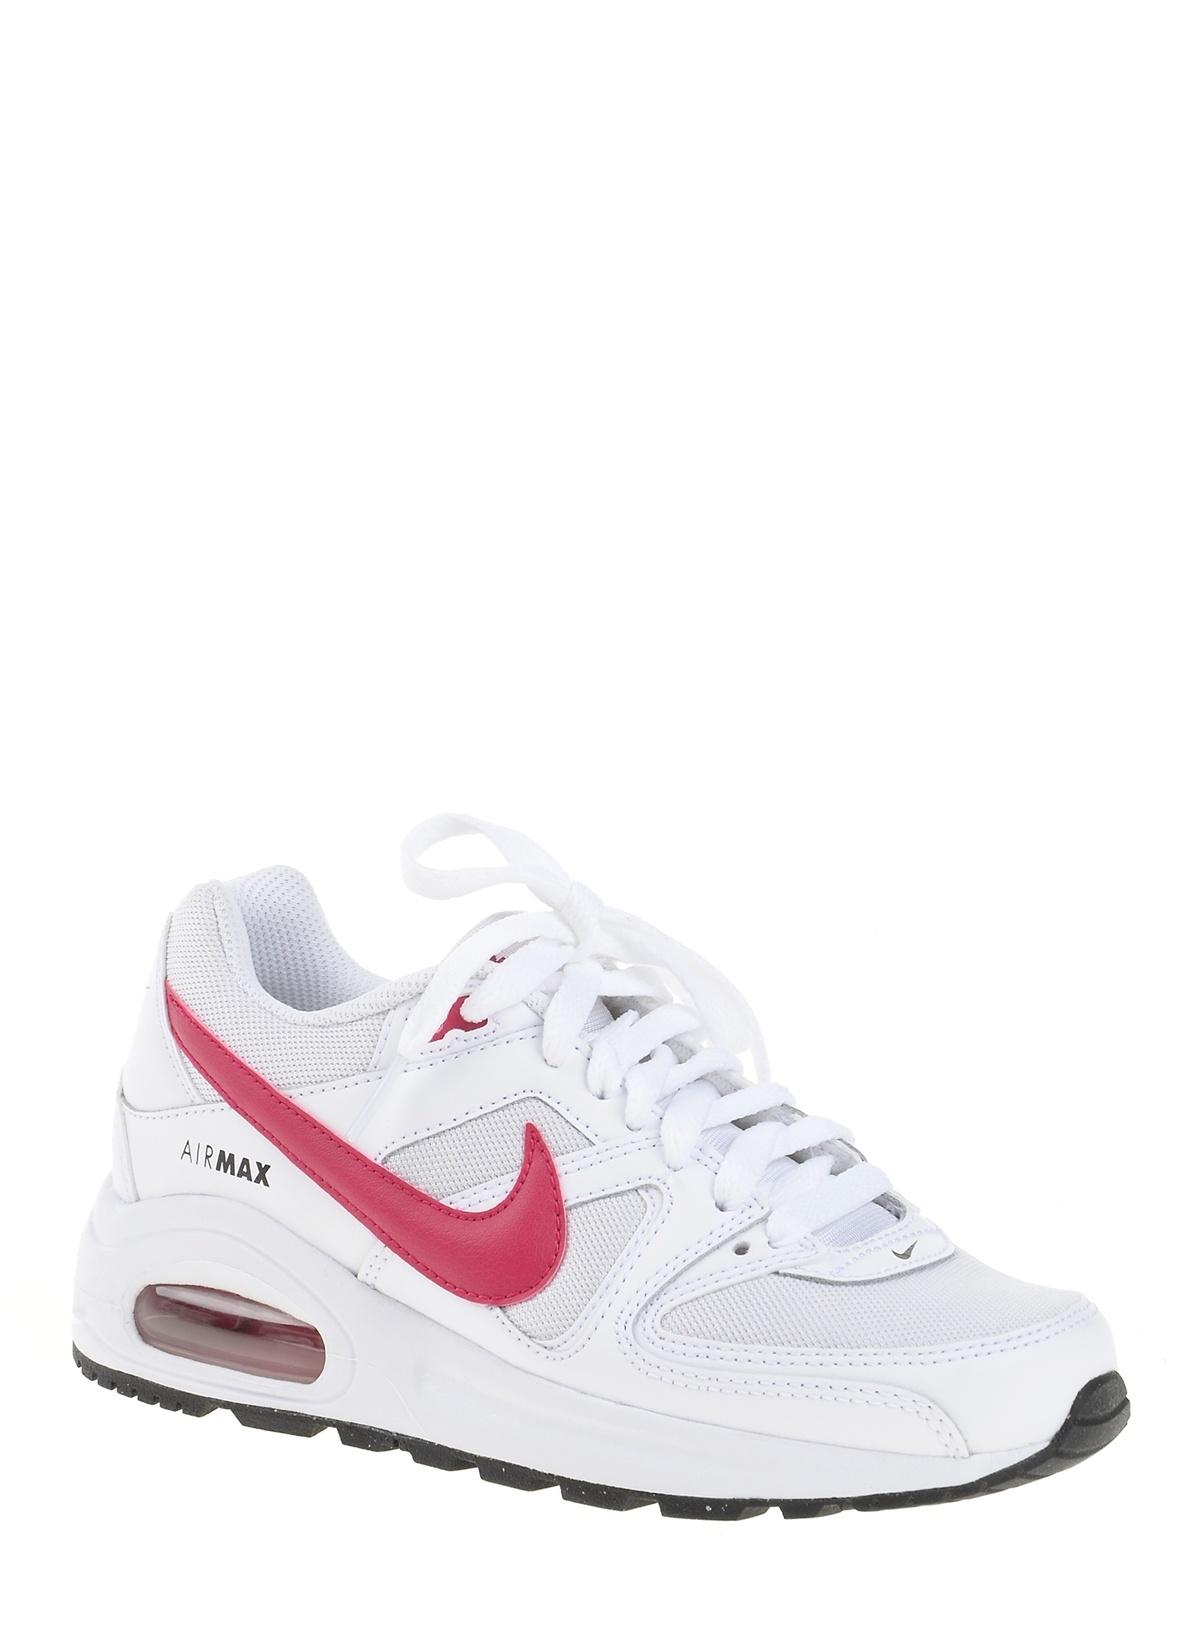 Nike Air Max Command, Größe 37,5